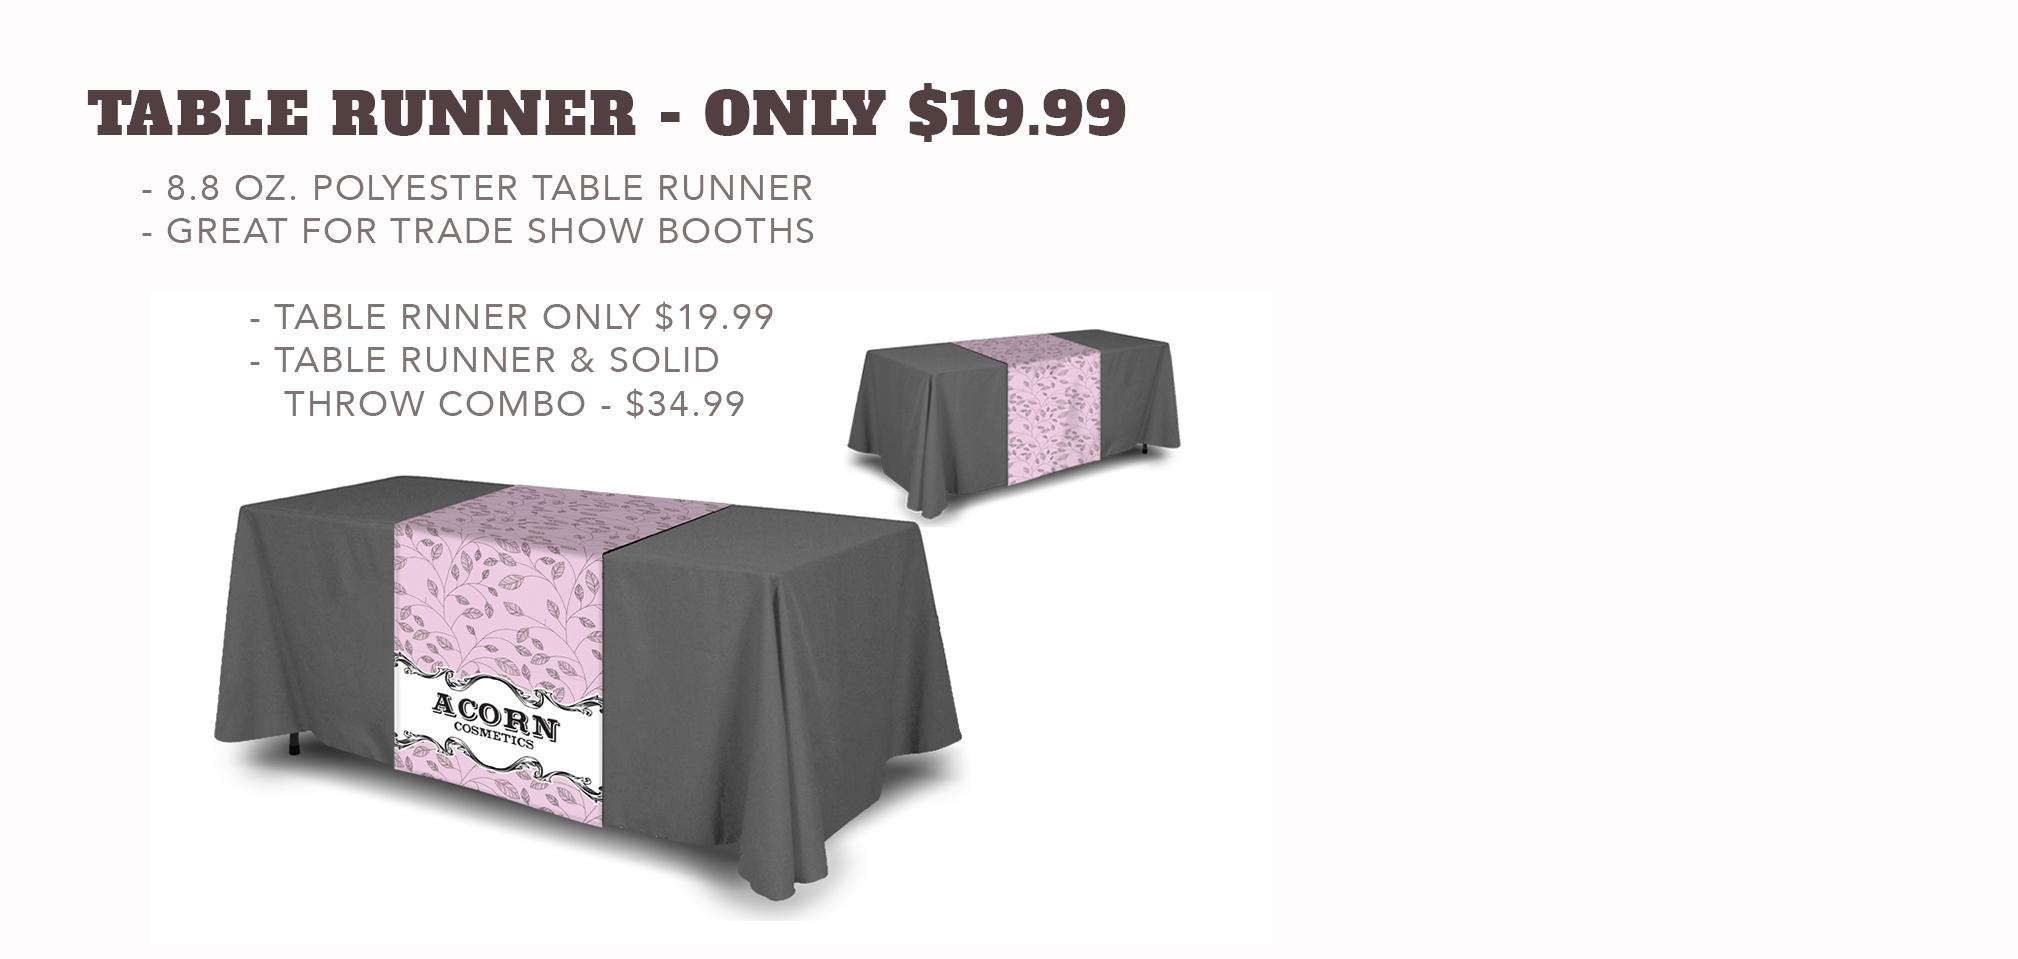 Table Runner - Starting at $19.99